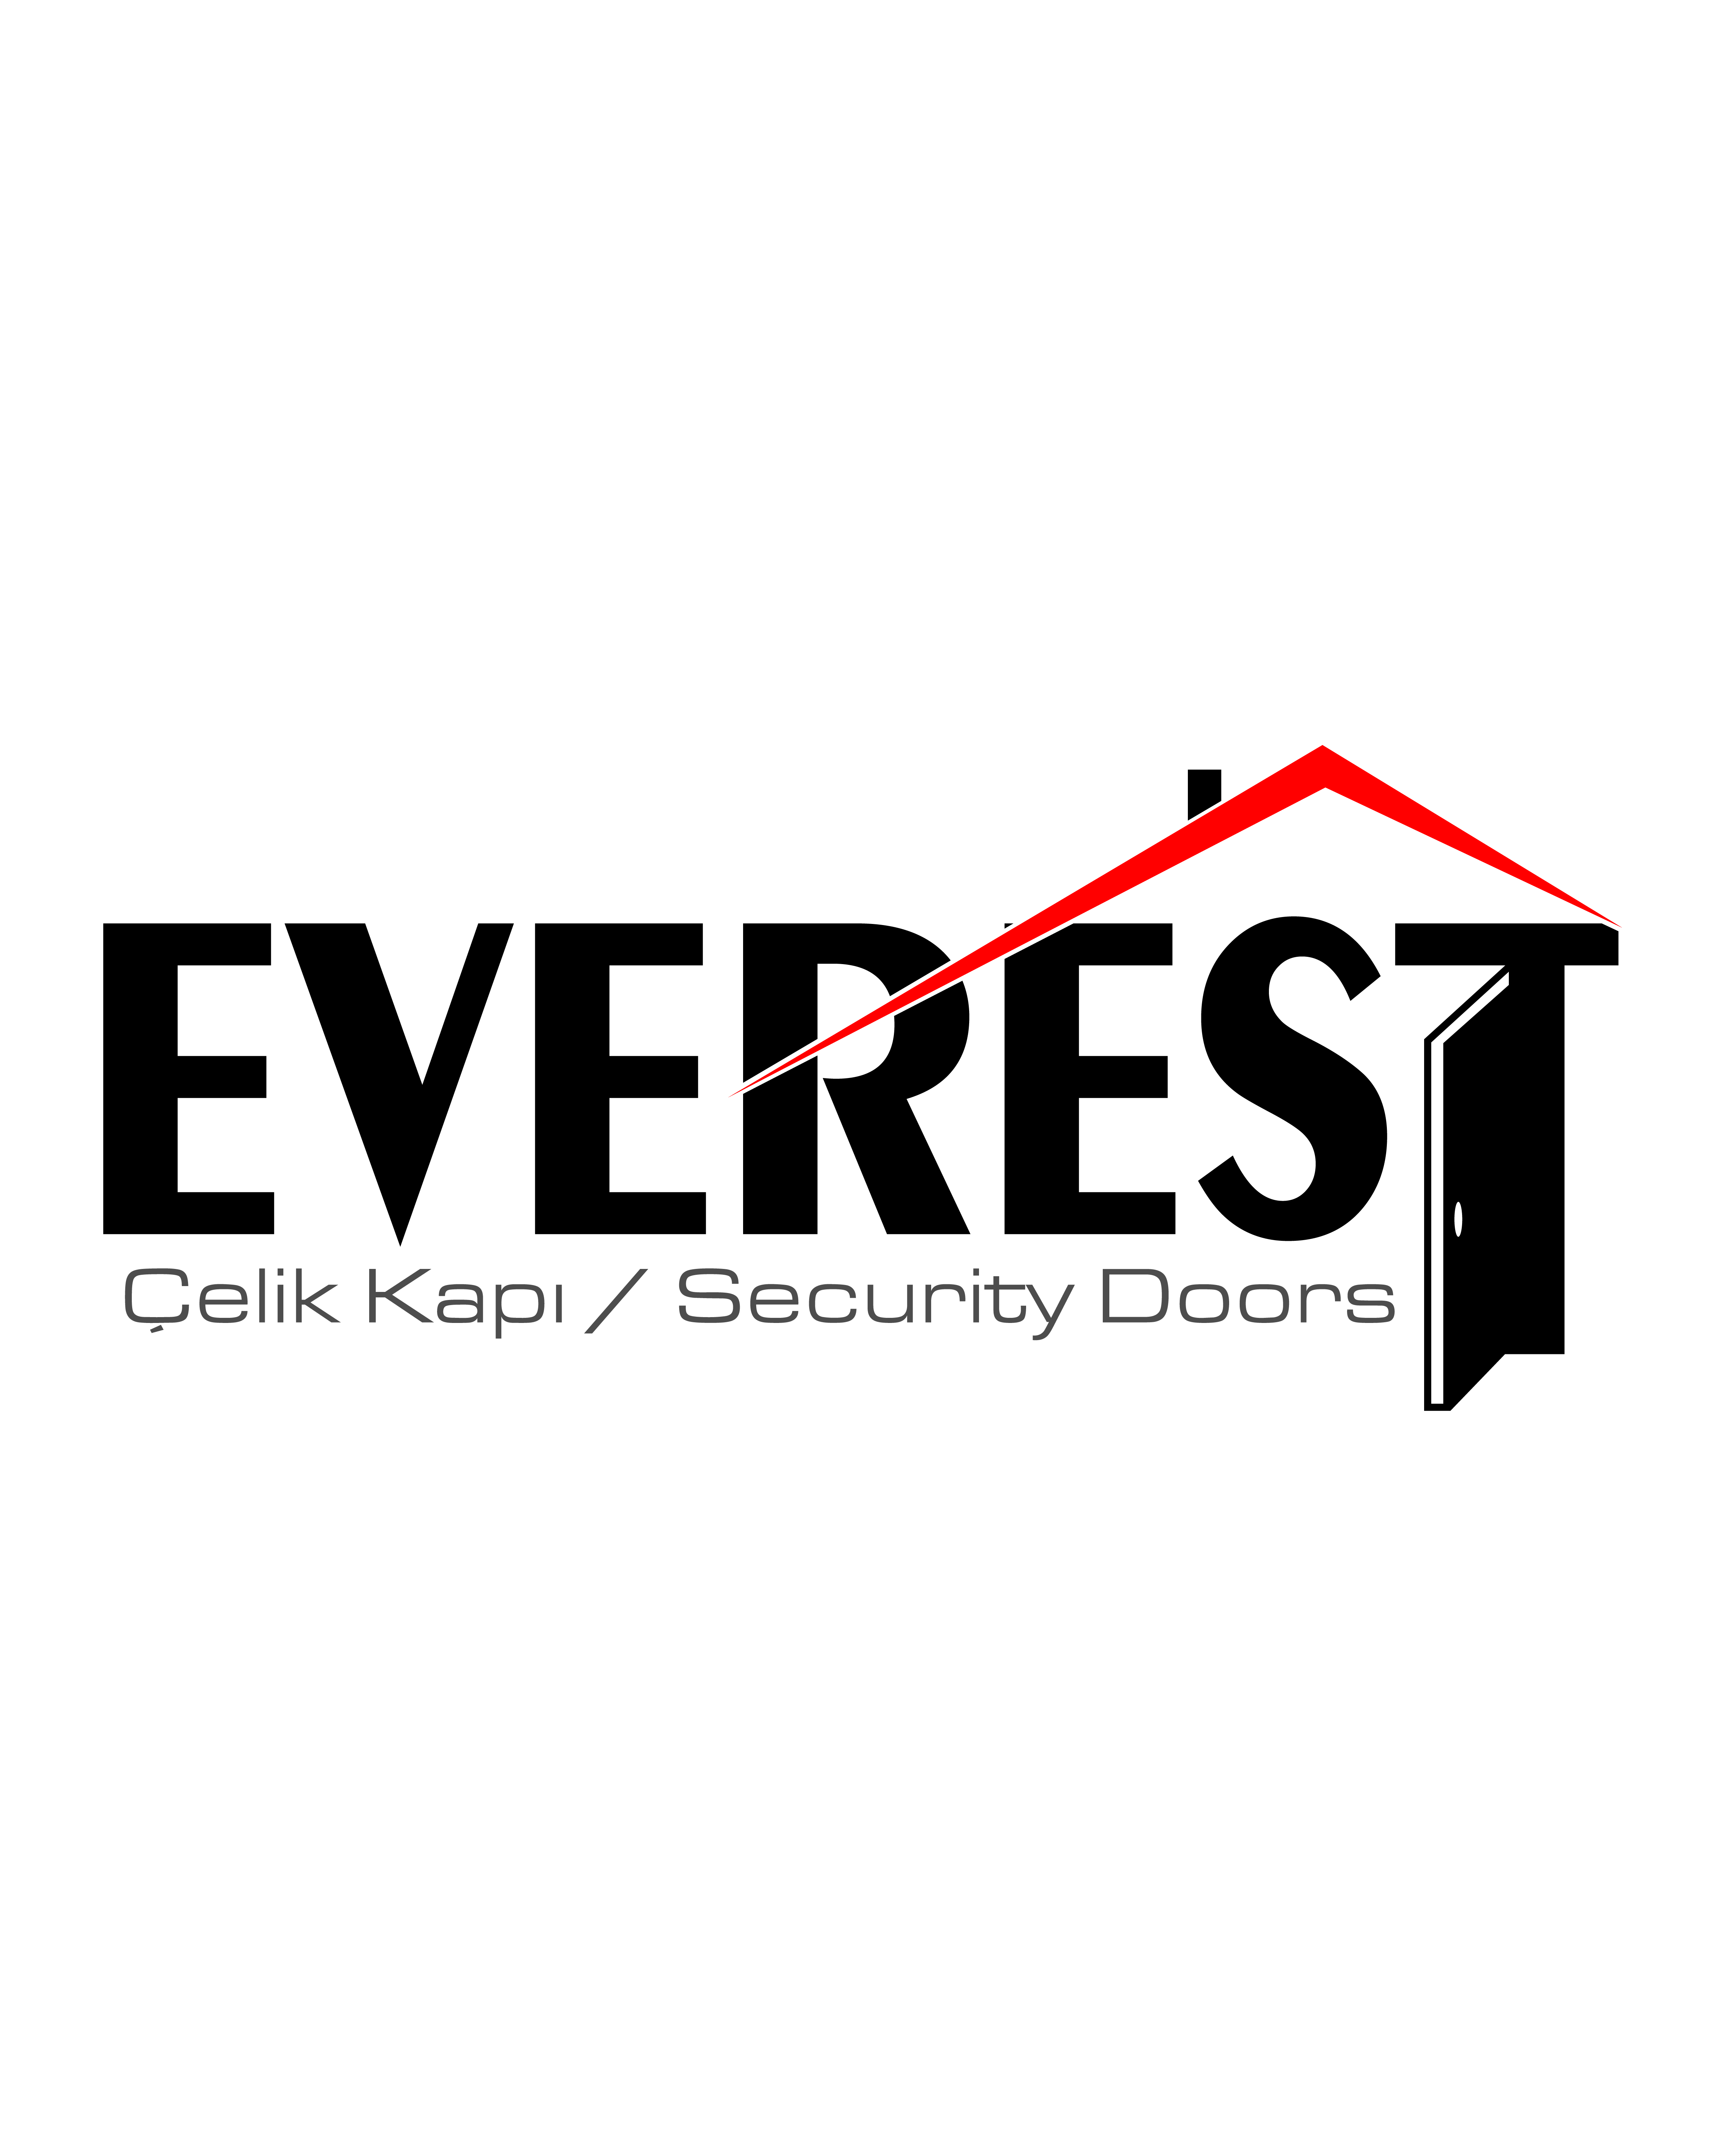 EVEREST STEEL DOORS / ÇELİK KAPI SANAYİ VE TİCARET LİMİTED ŞİRKETİ, EVEREST STEEL DOORS  (SANAYİ VE TİCARET LİMİTED ŞİRKETİ)